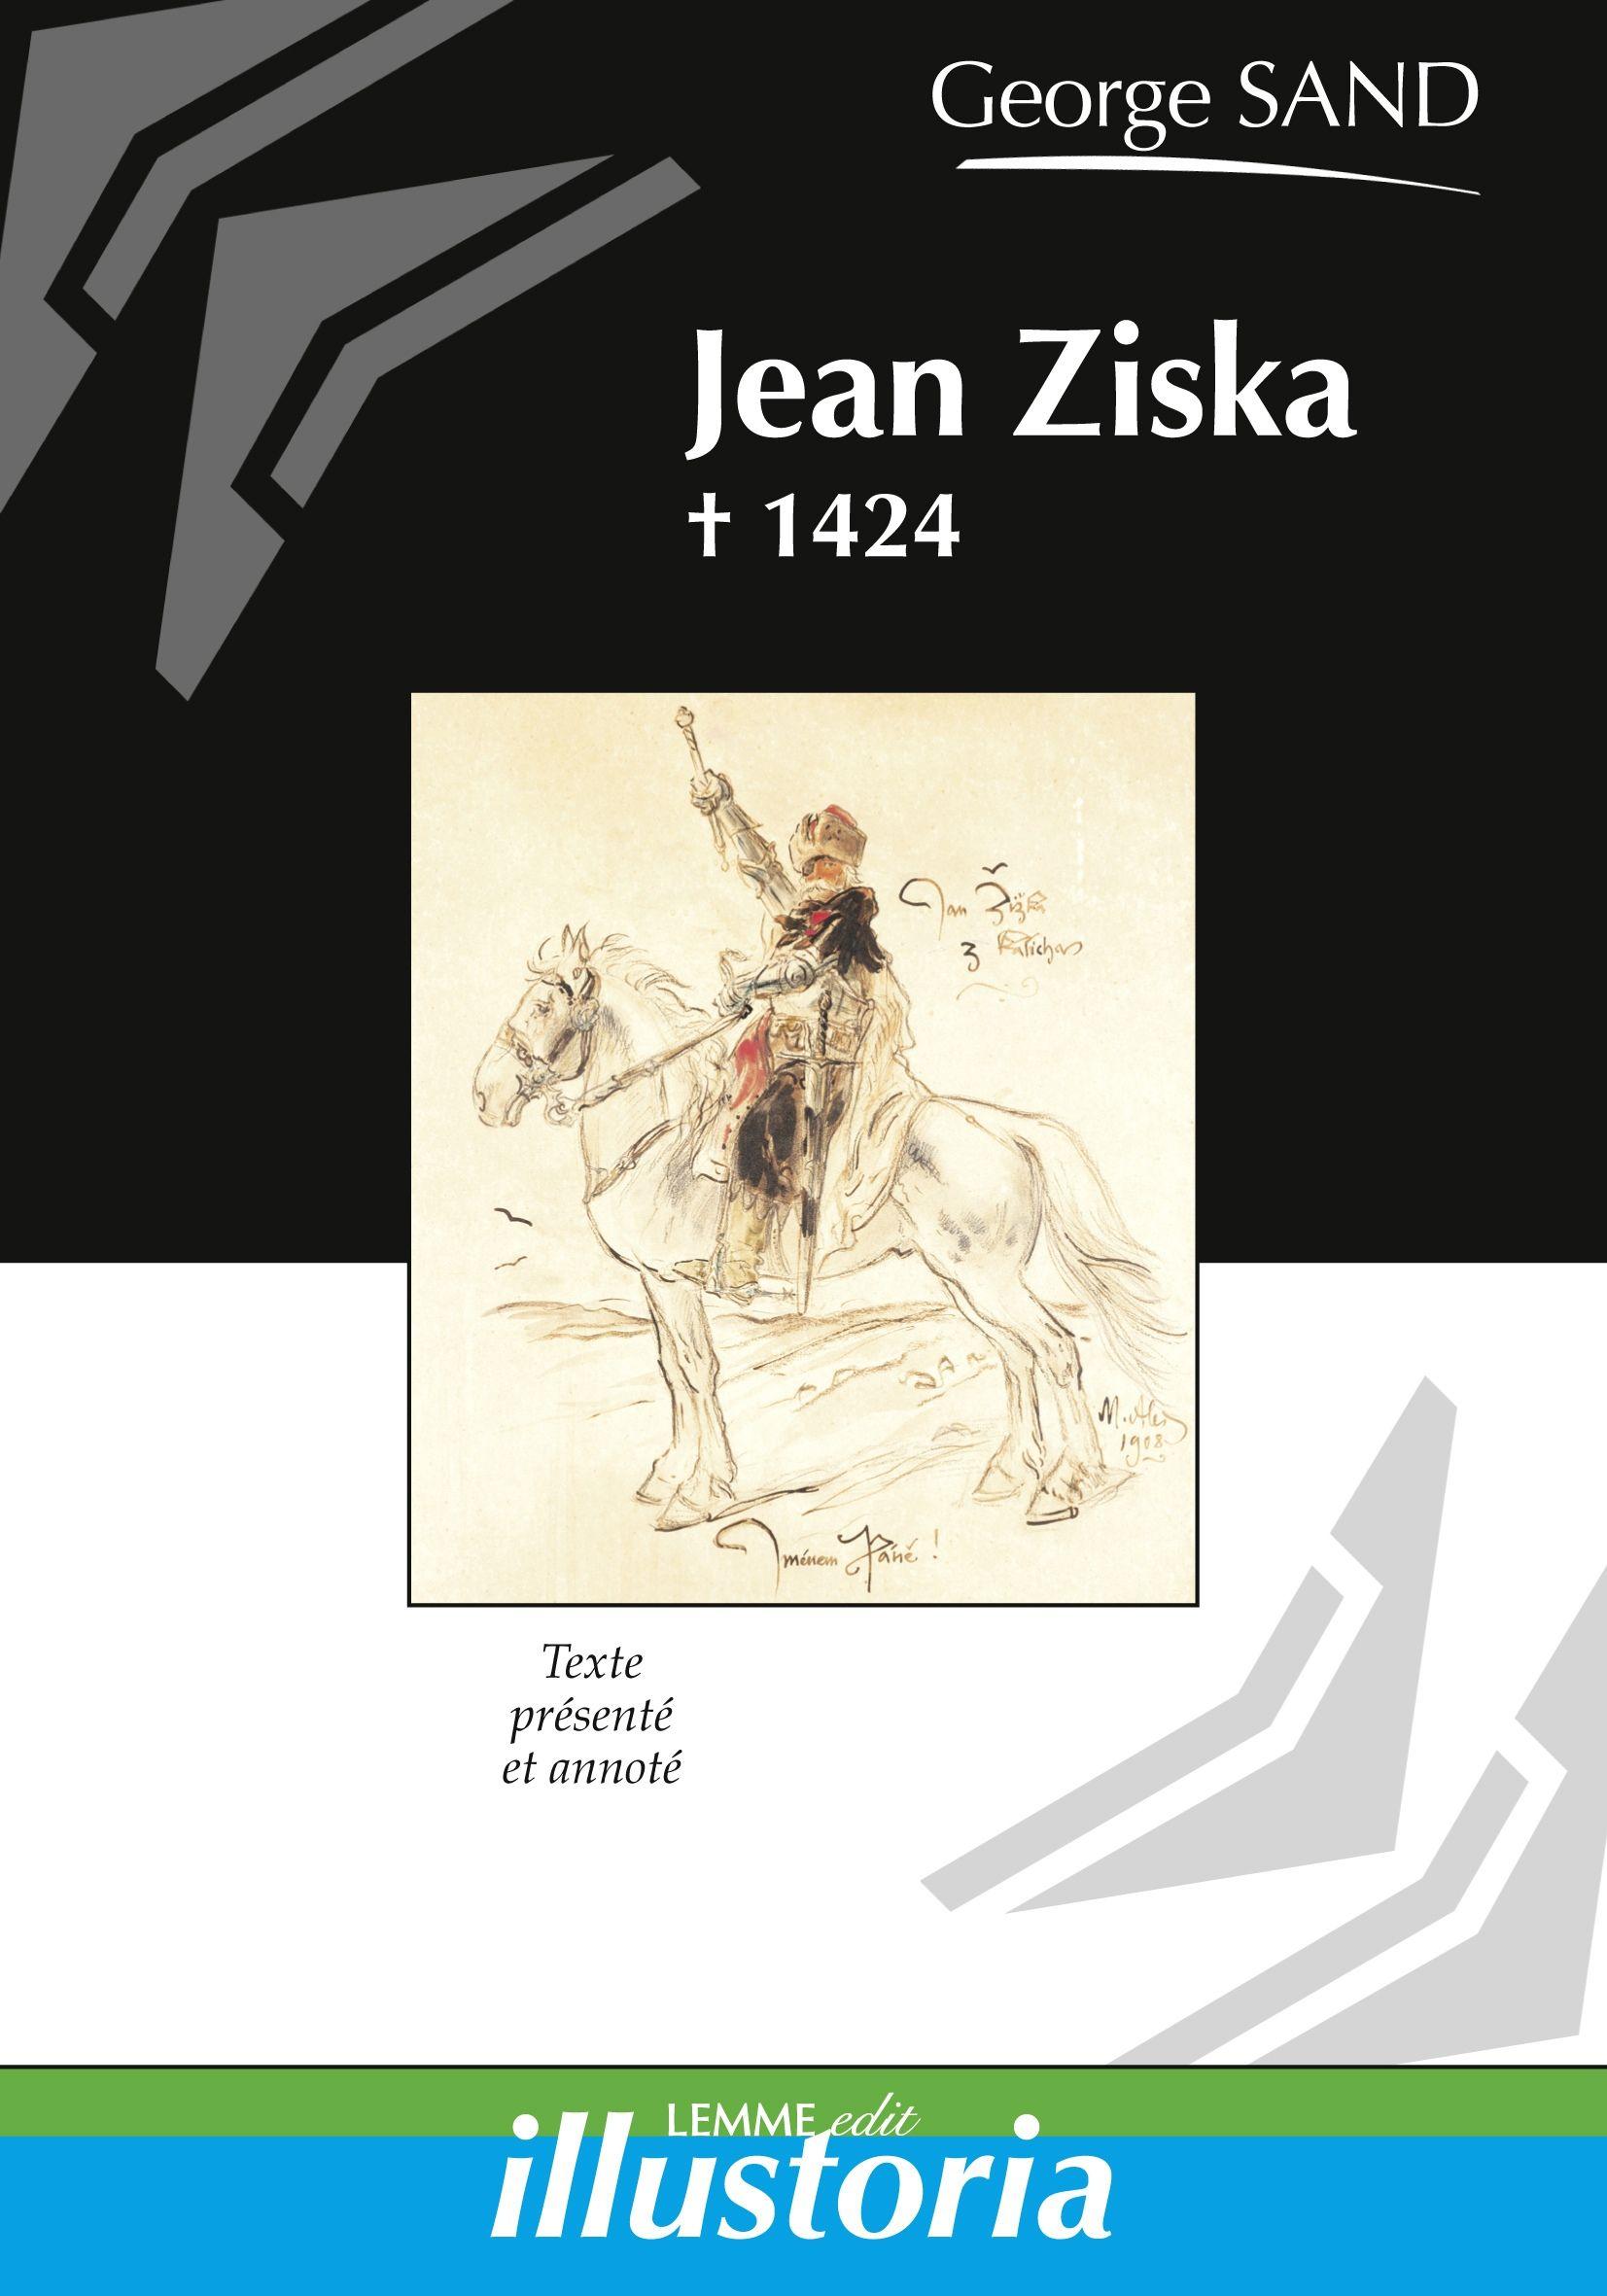 Jean Ziska, George Sand, ouvrage d'histoire du Moyen Âge, Religions, Protestantisme.